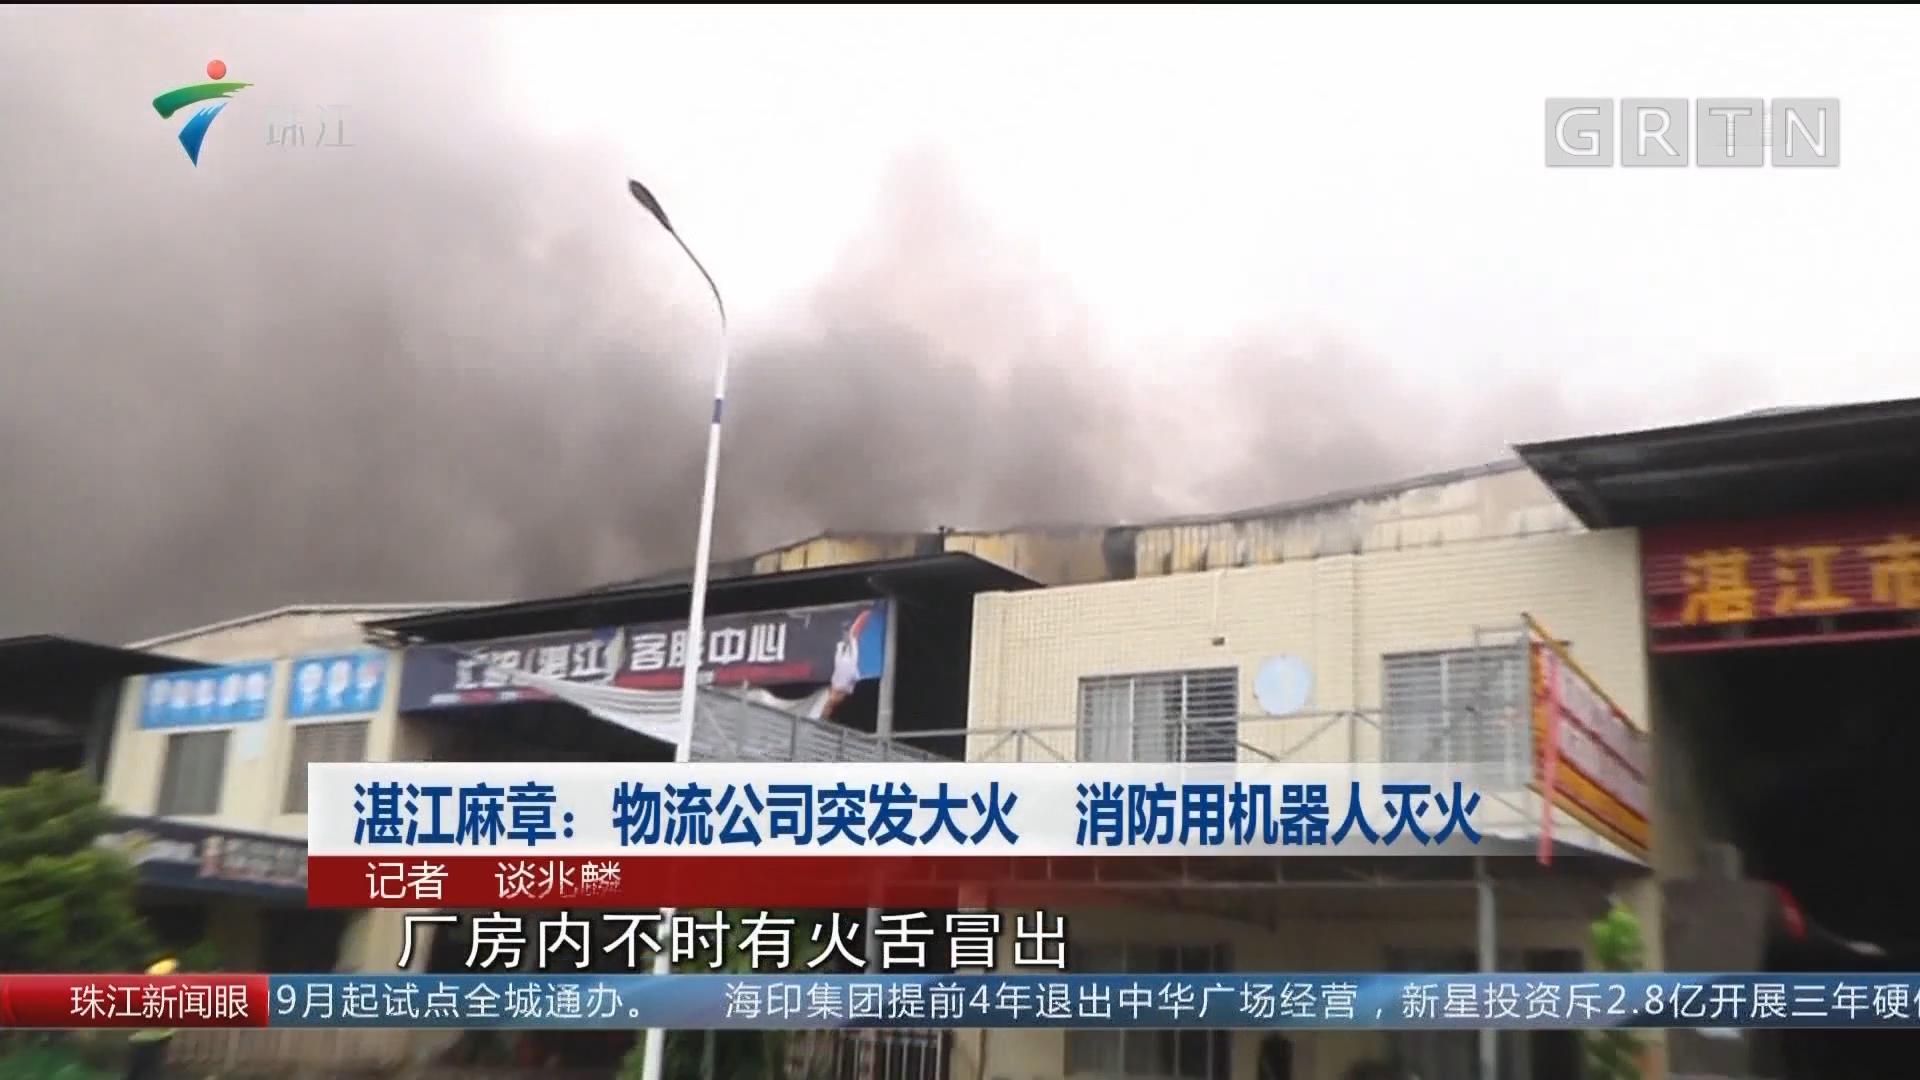 湛江麻章:物流公司突发大火 消防用机器人灭火